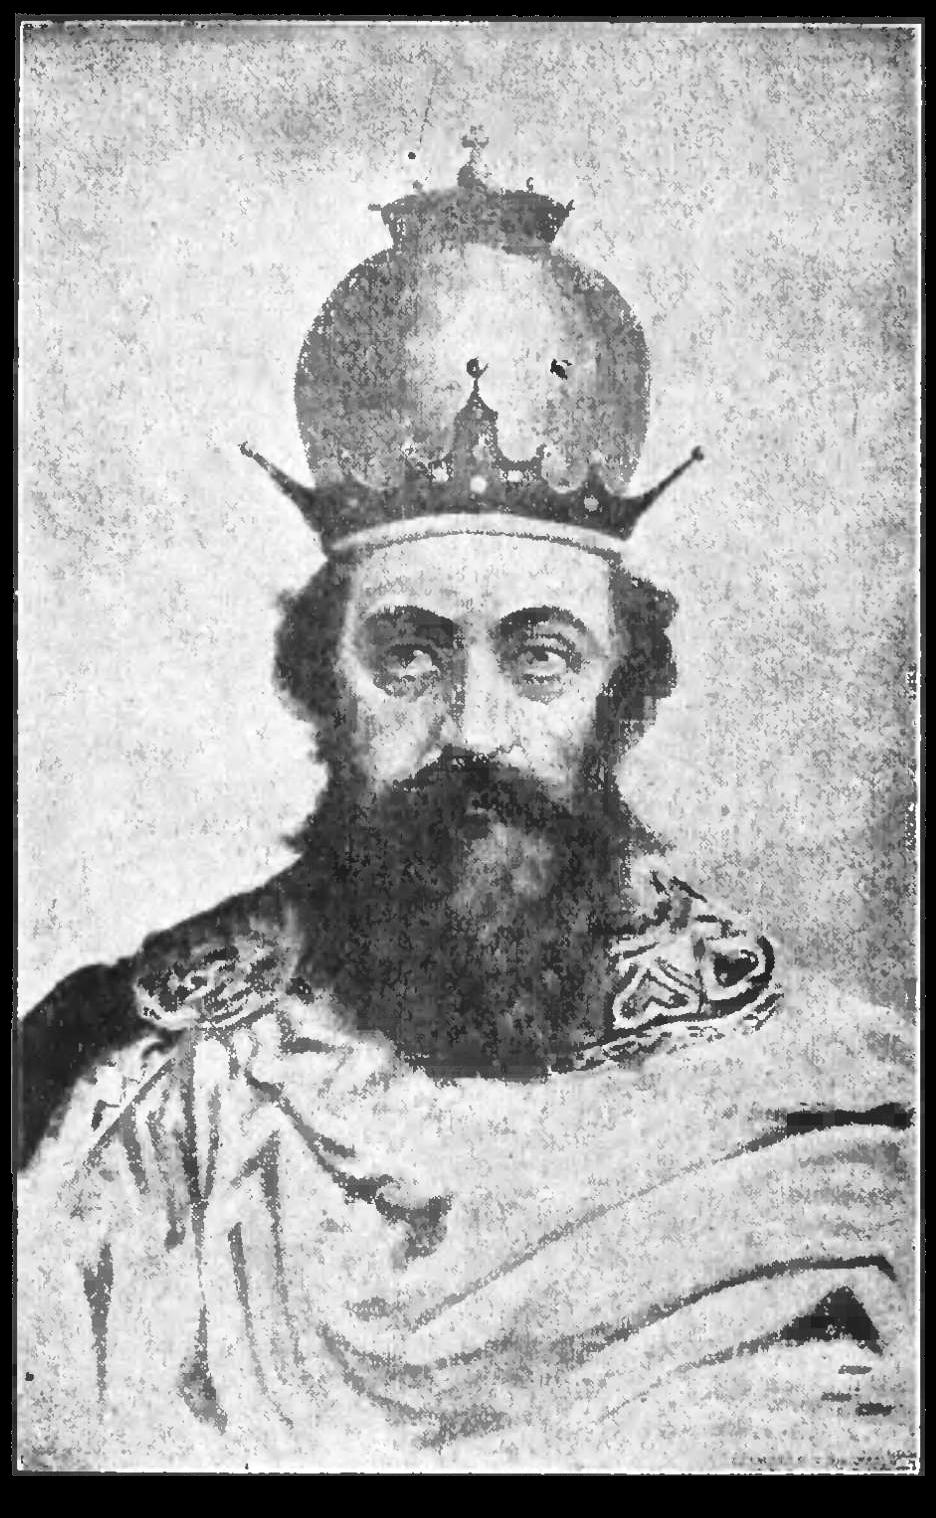 Дани́ло Рома́нович, також Коро́ль Дани́ло або Дани́ло Га́лицький, (давньорус. Данило Романовичъ; 1201 — 1264) — руський князь з династії Романовичів, правитель Галицько-Волинського князівства.